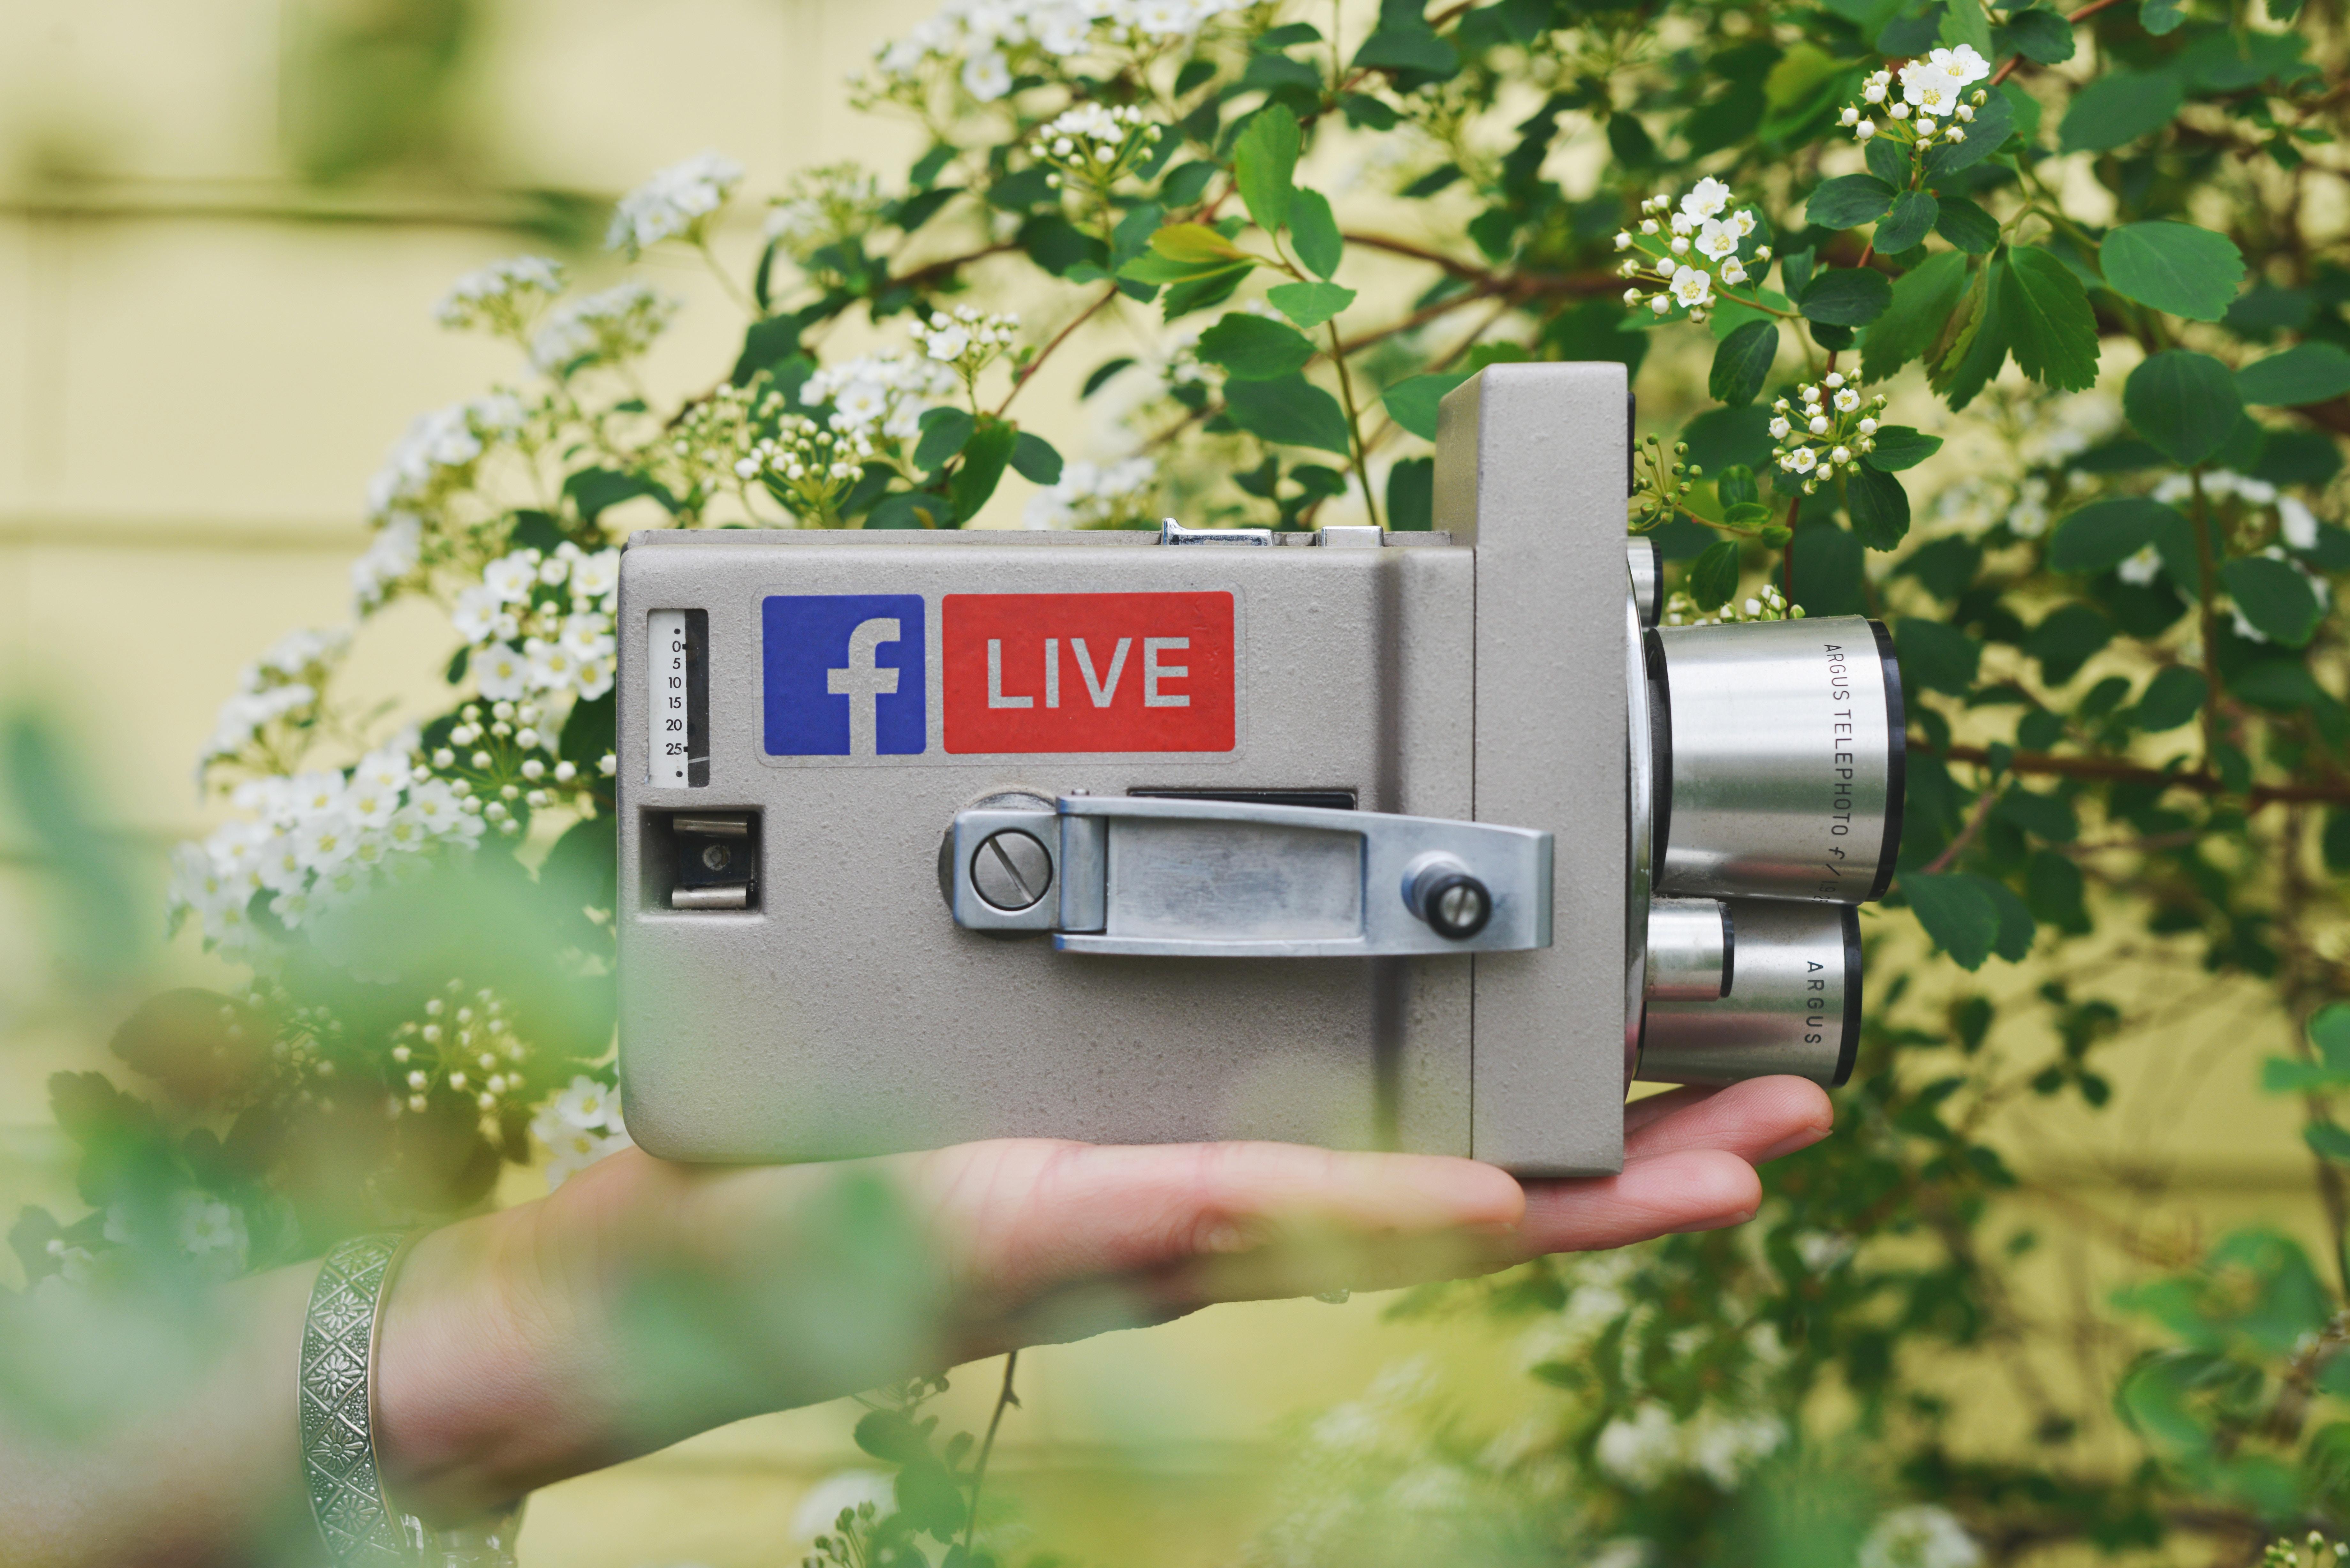 Livestriimaus onnistuu sekä Facebookin että Instagramin kautta.